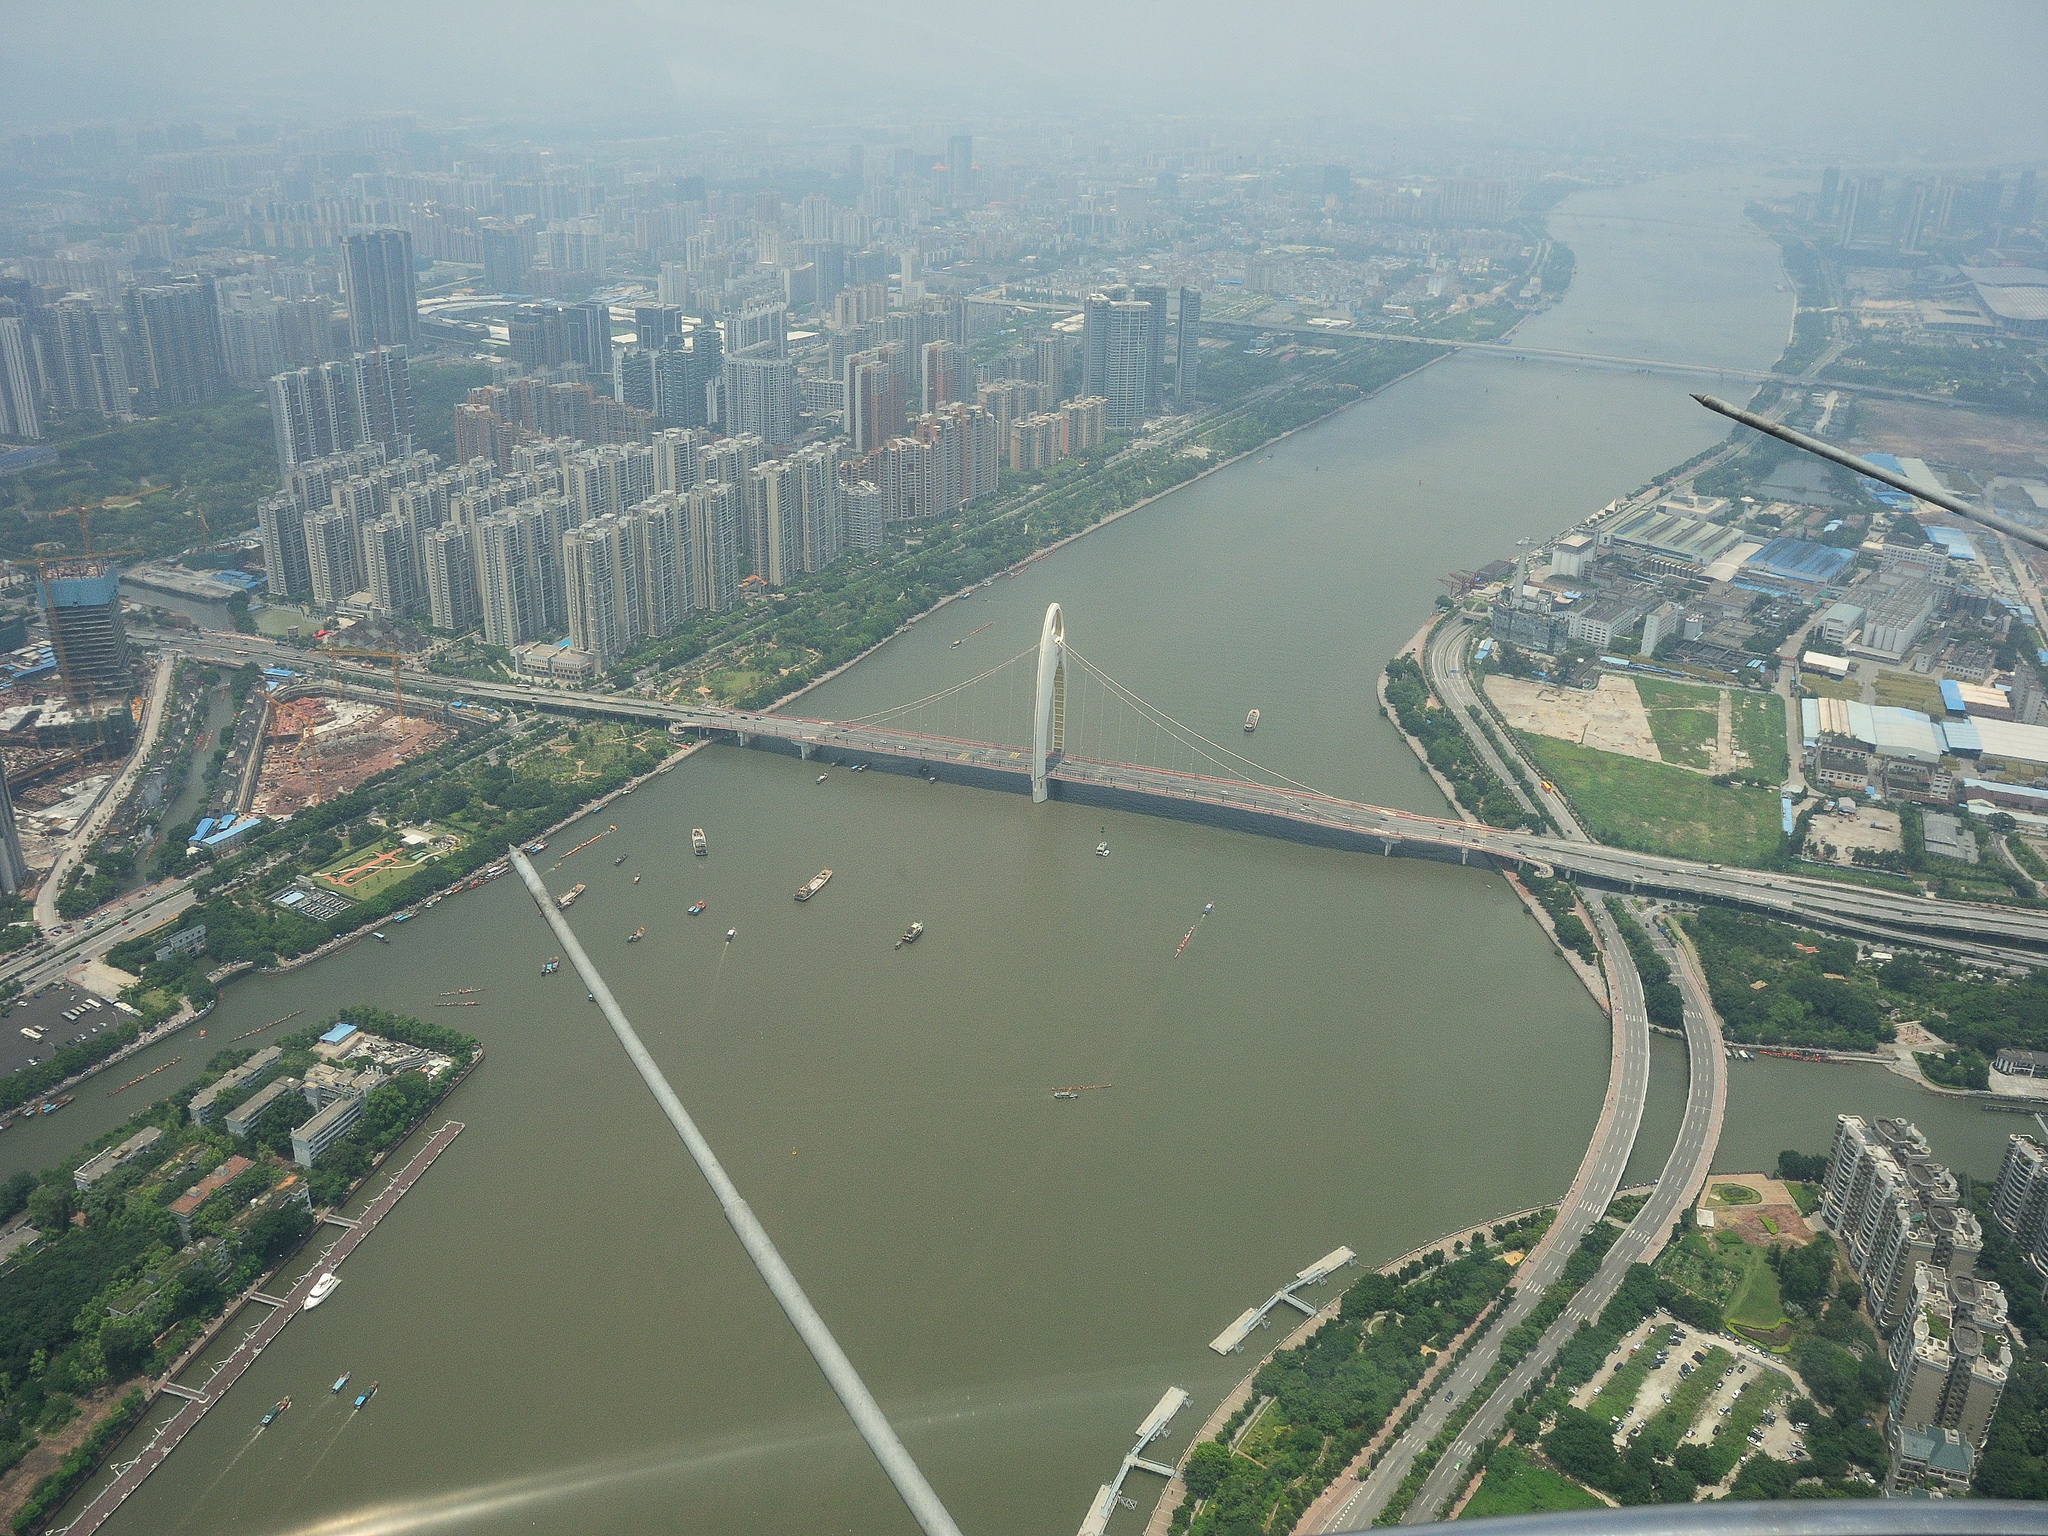 Жемчужная река в Гуанчжоу, аэрофотография